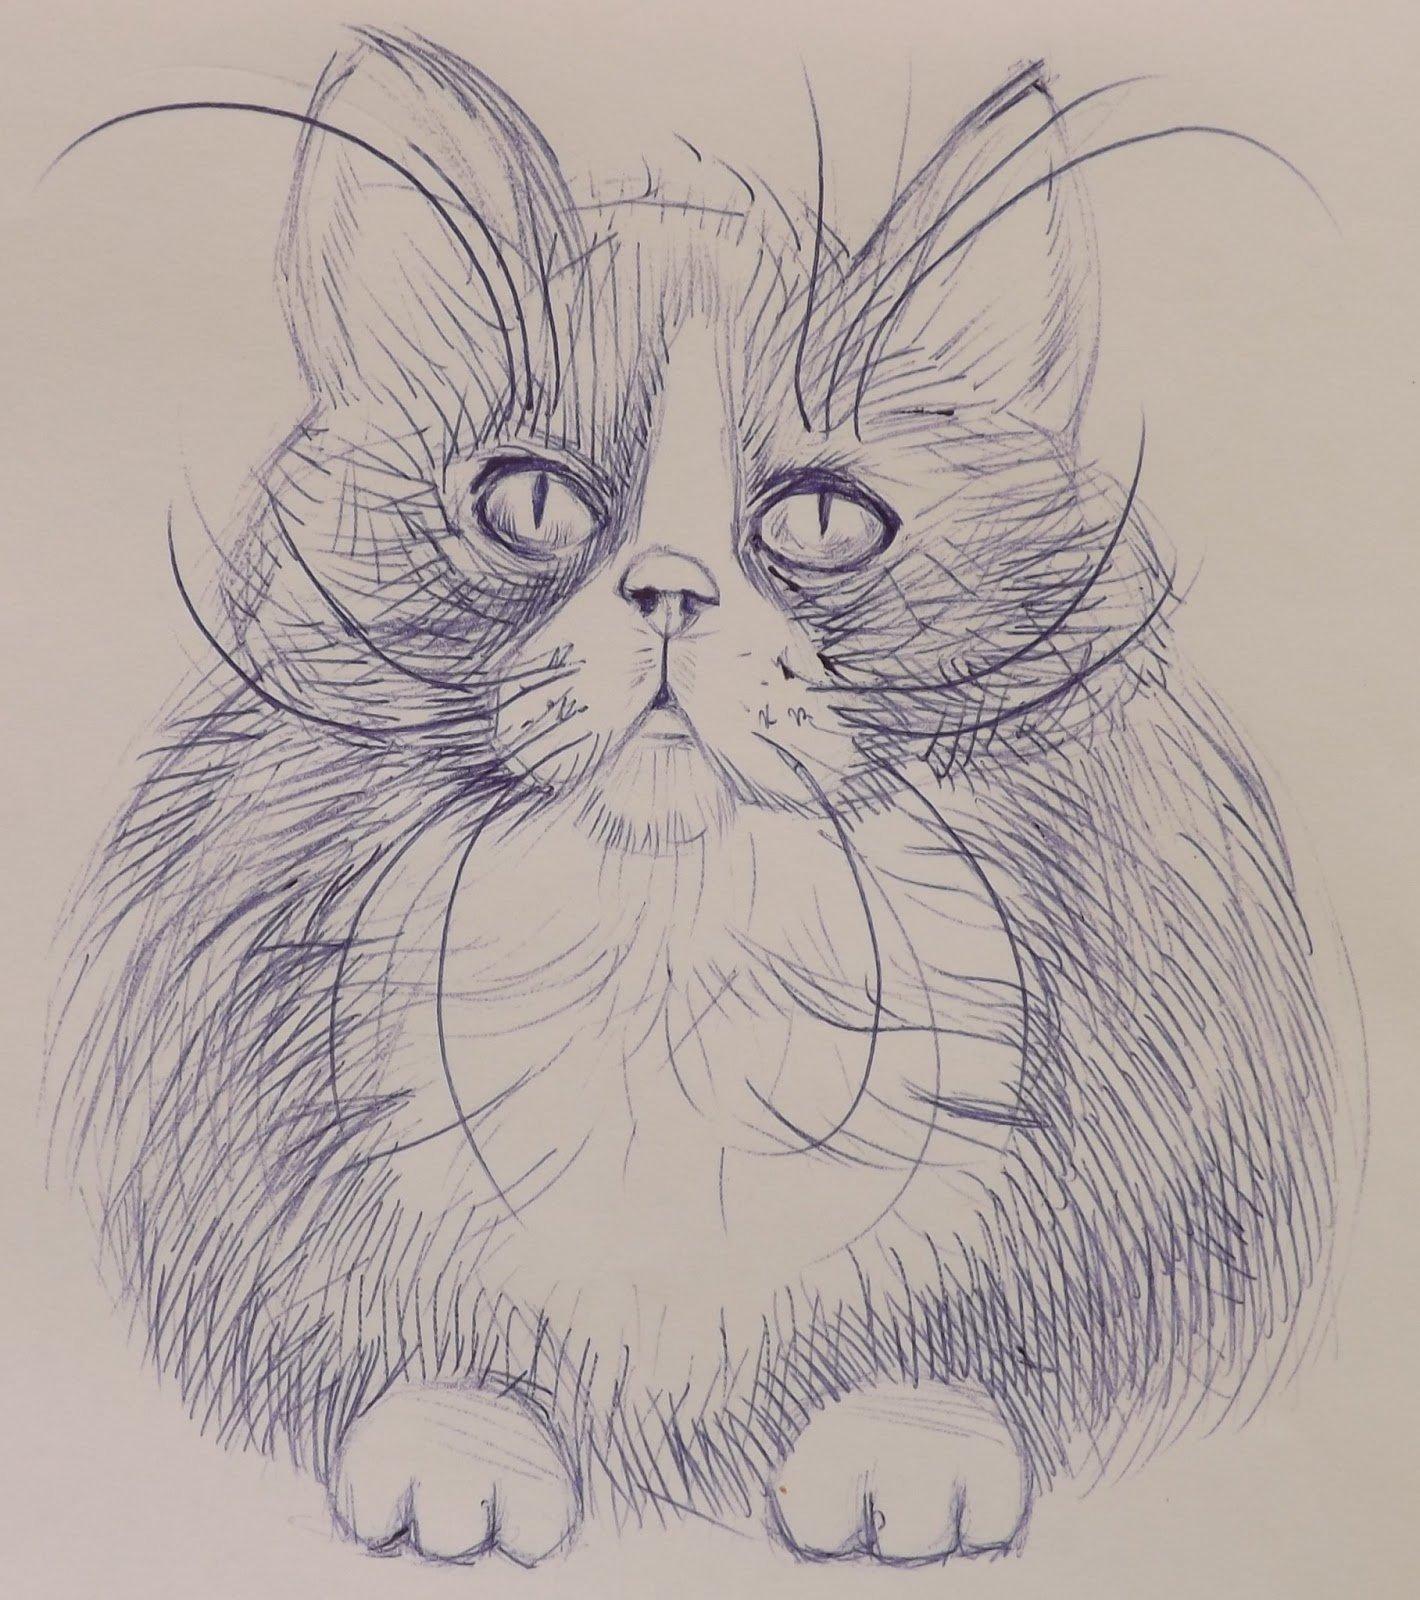 картинки кошки карандашом легко рисовать нового сезона